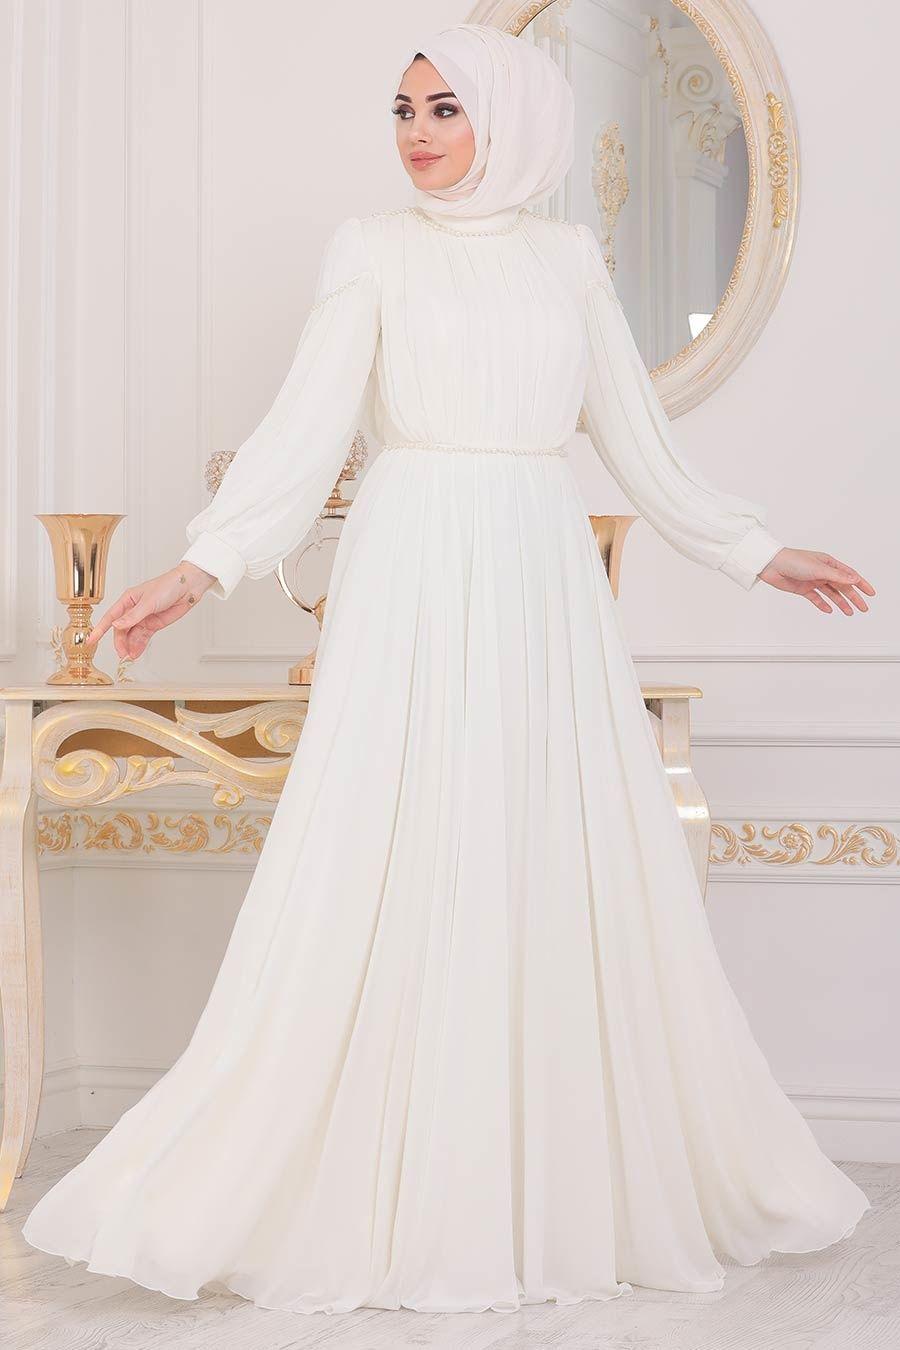 Tesetturlu Abiye Elbise Boncuk Detayli Ekru Tesettur Abiye Elbise 4071e Tesetturisland Com 2020 The Dress Elbise Aksamustu Giysileri